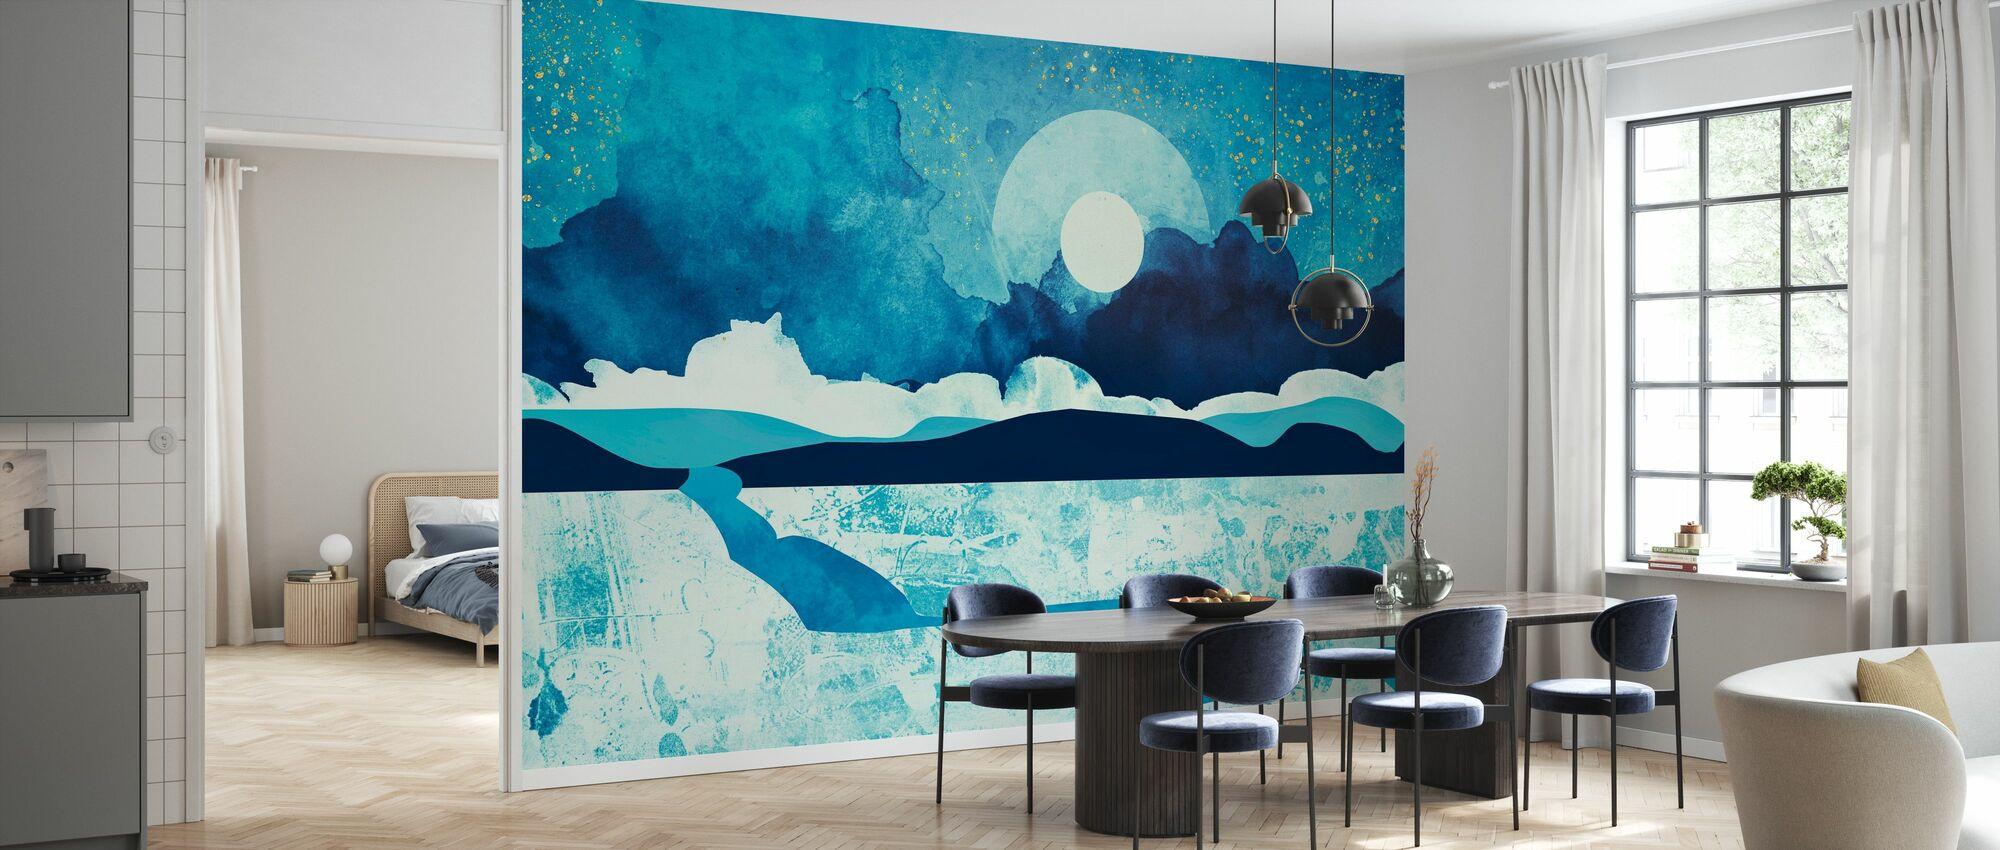 Blauwe Woestijn - SpaceFrogDesigns - Behang - Keuken